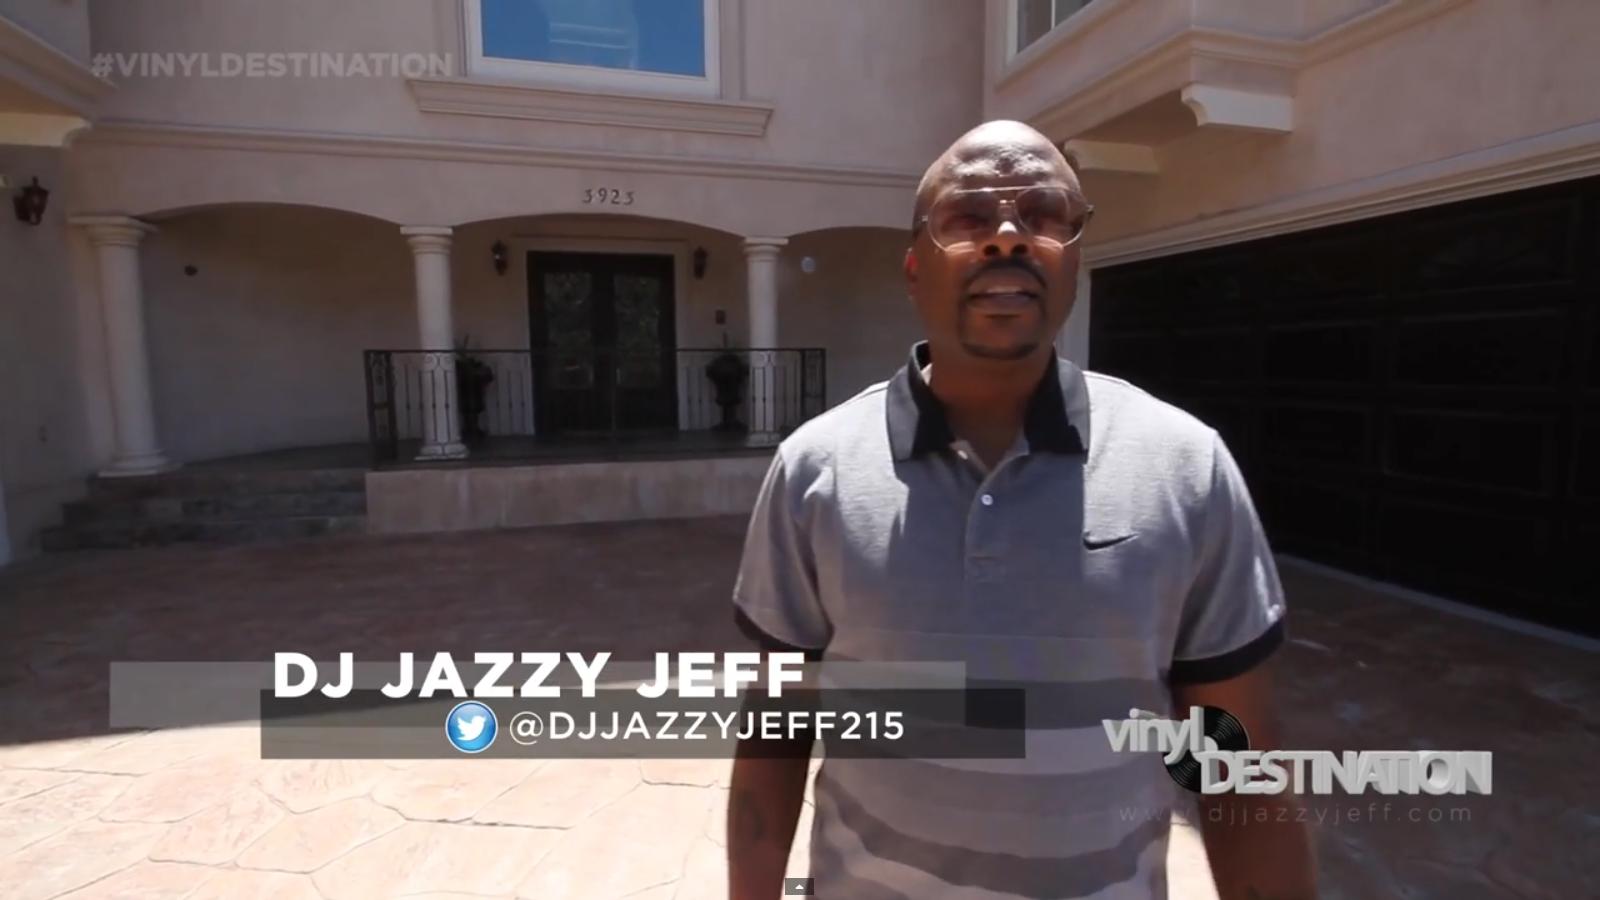 Jeff in Cali